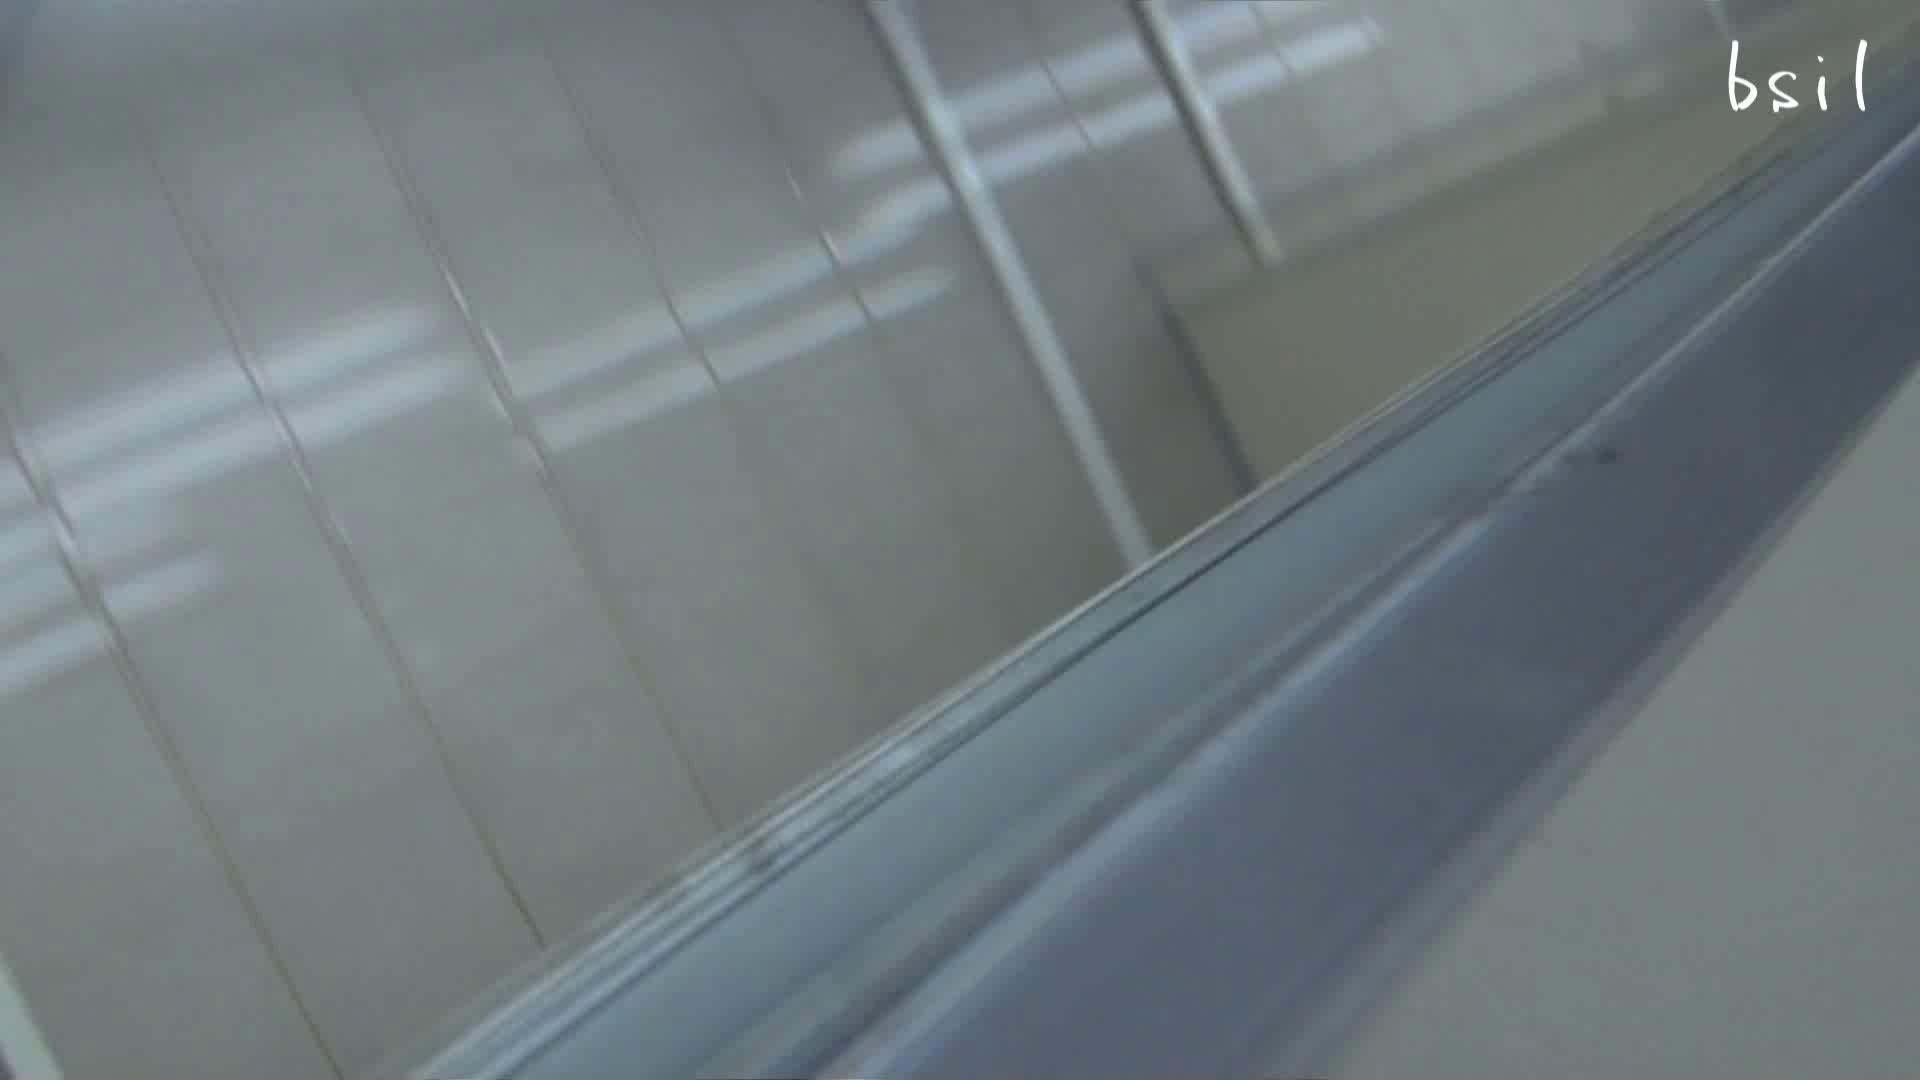 ナースのお小水 vol.001 ナースの実態 | OLの実態  86pic 55